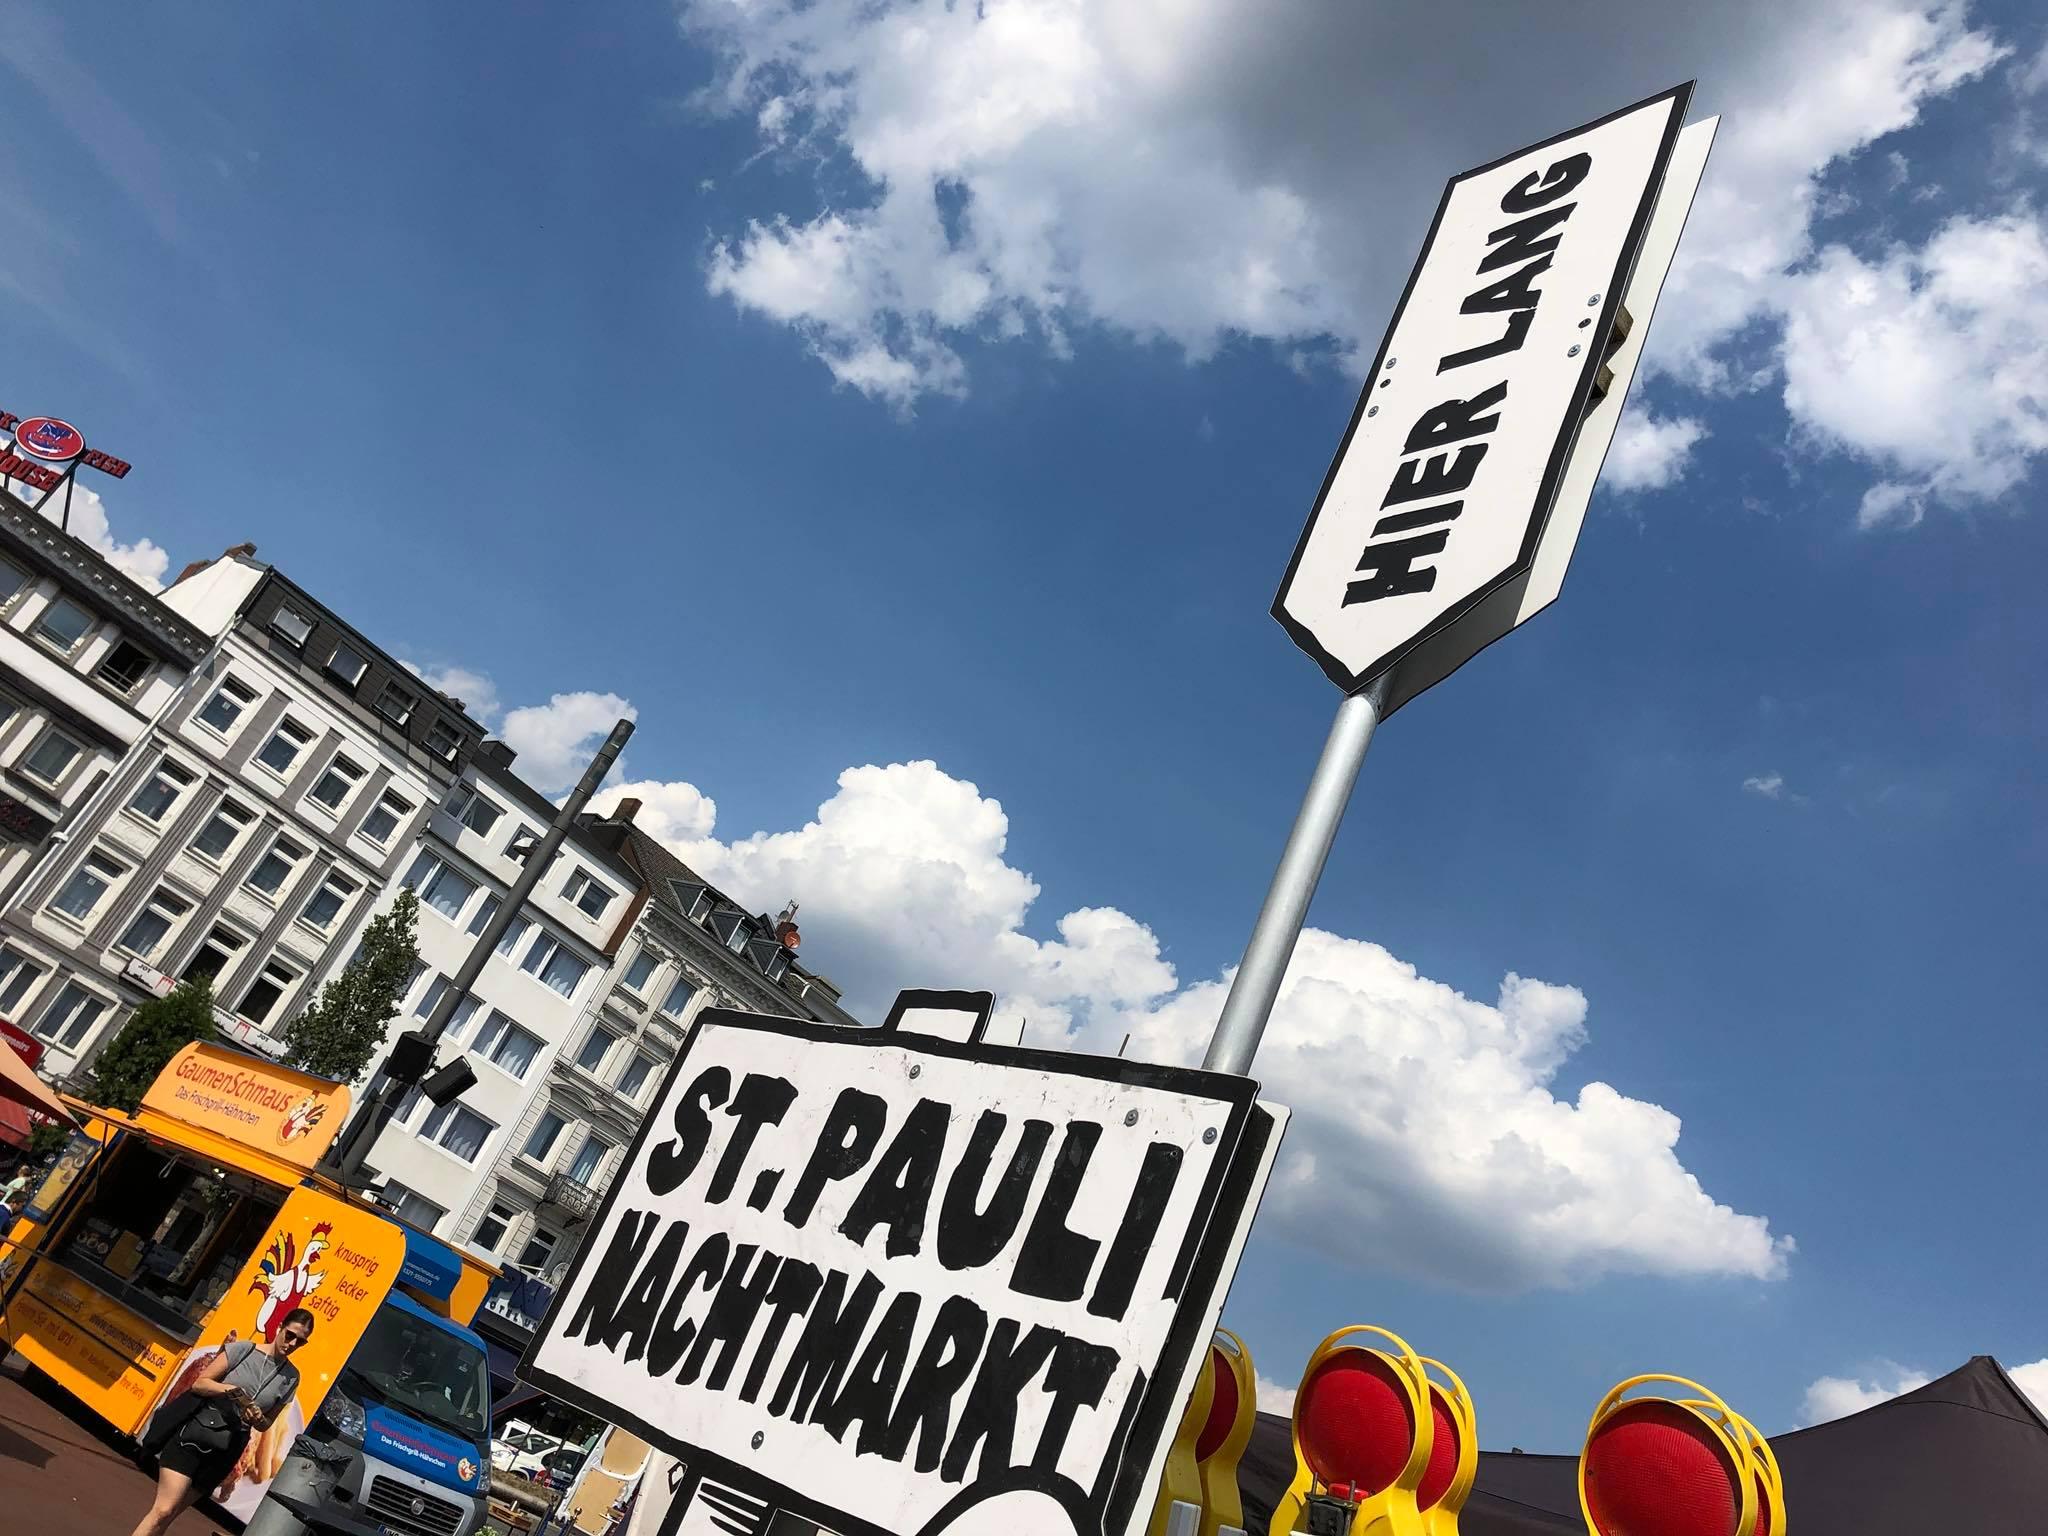 Der St. Pauli Nachtmarkt ist ein Paradies für hungrige Hamburger!